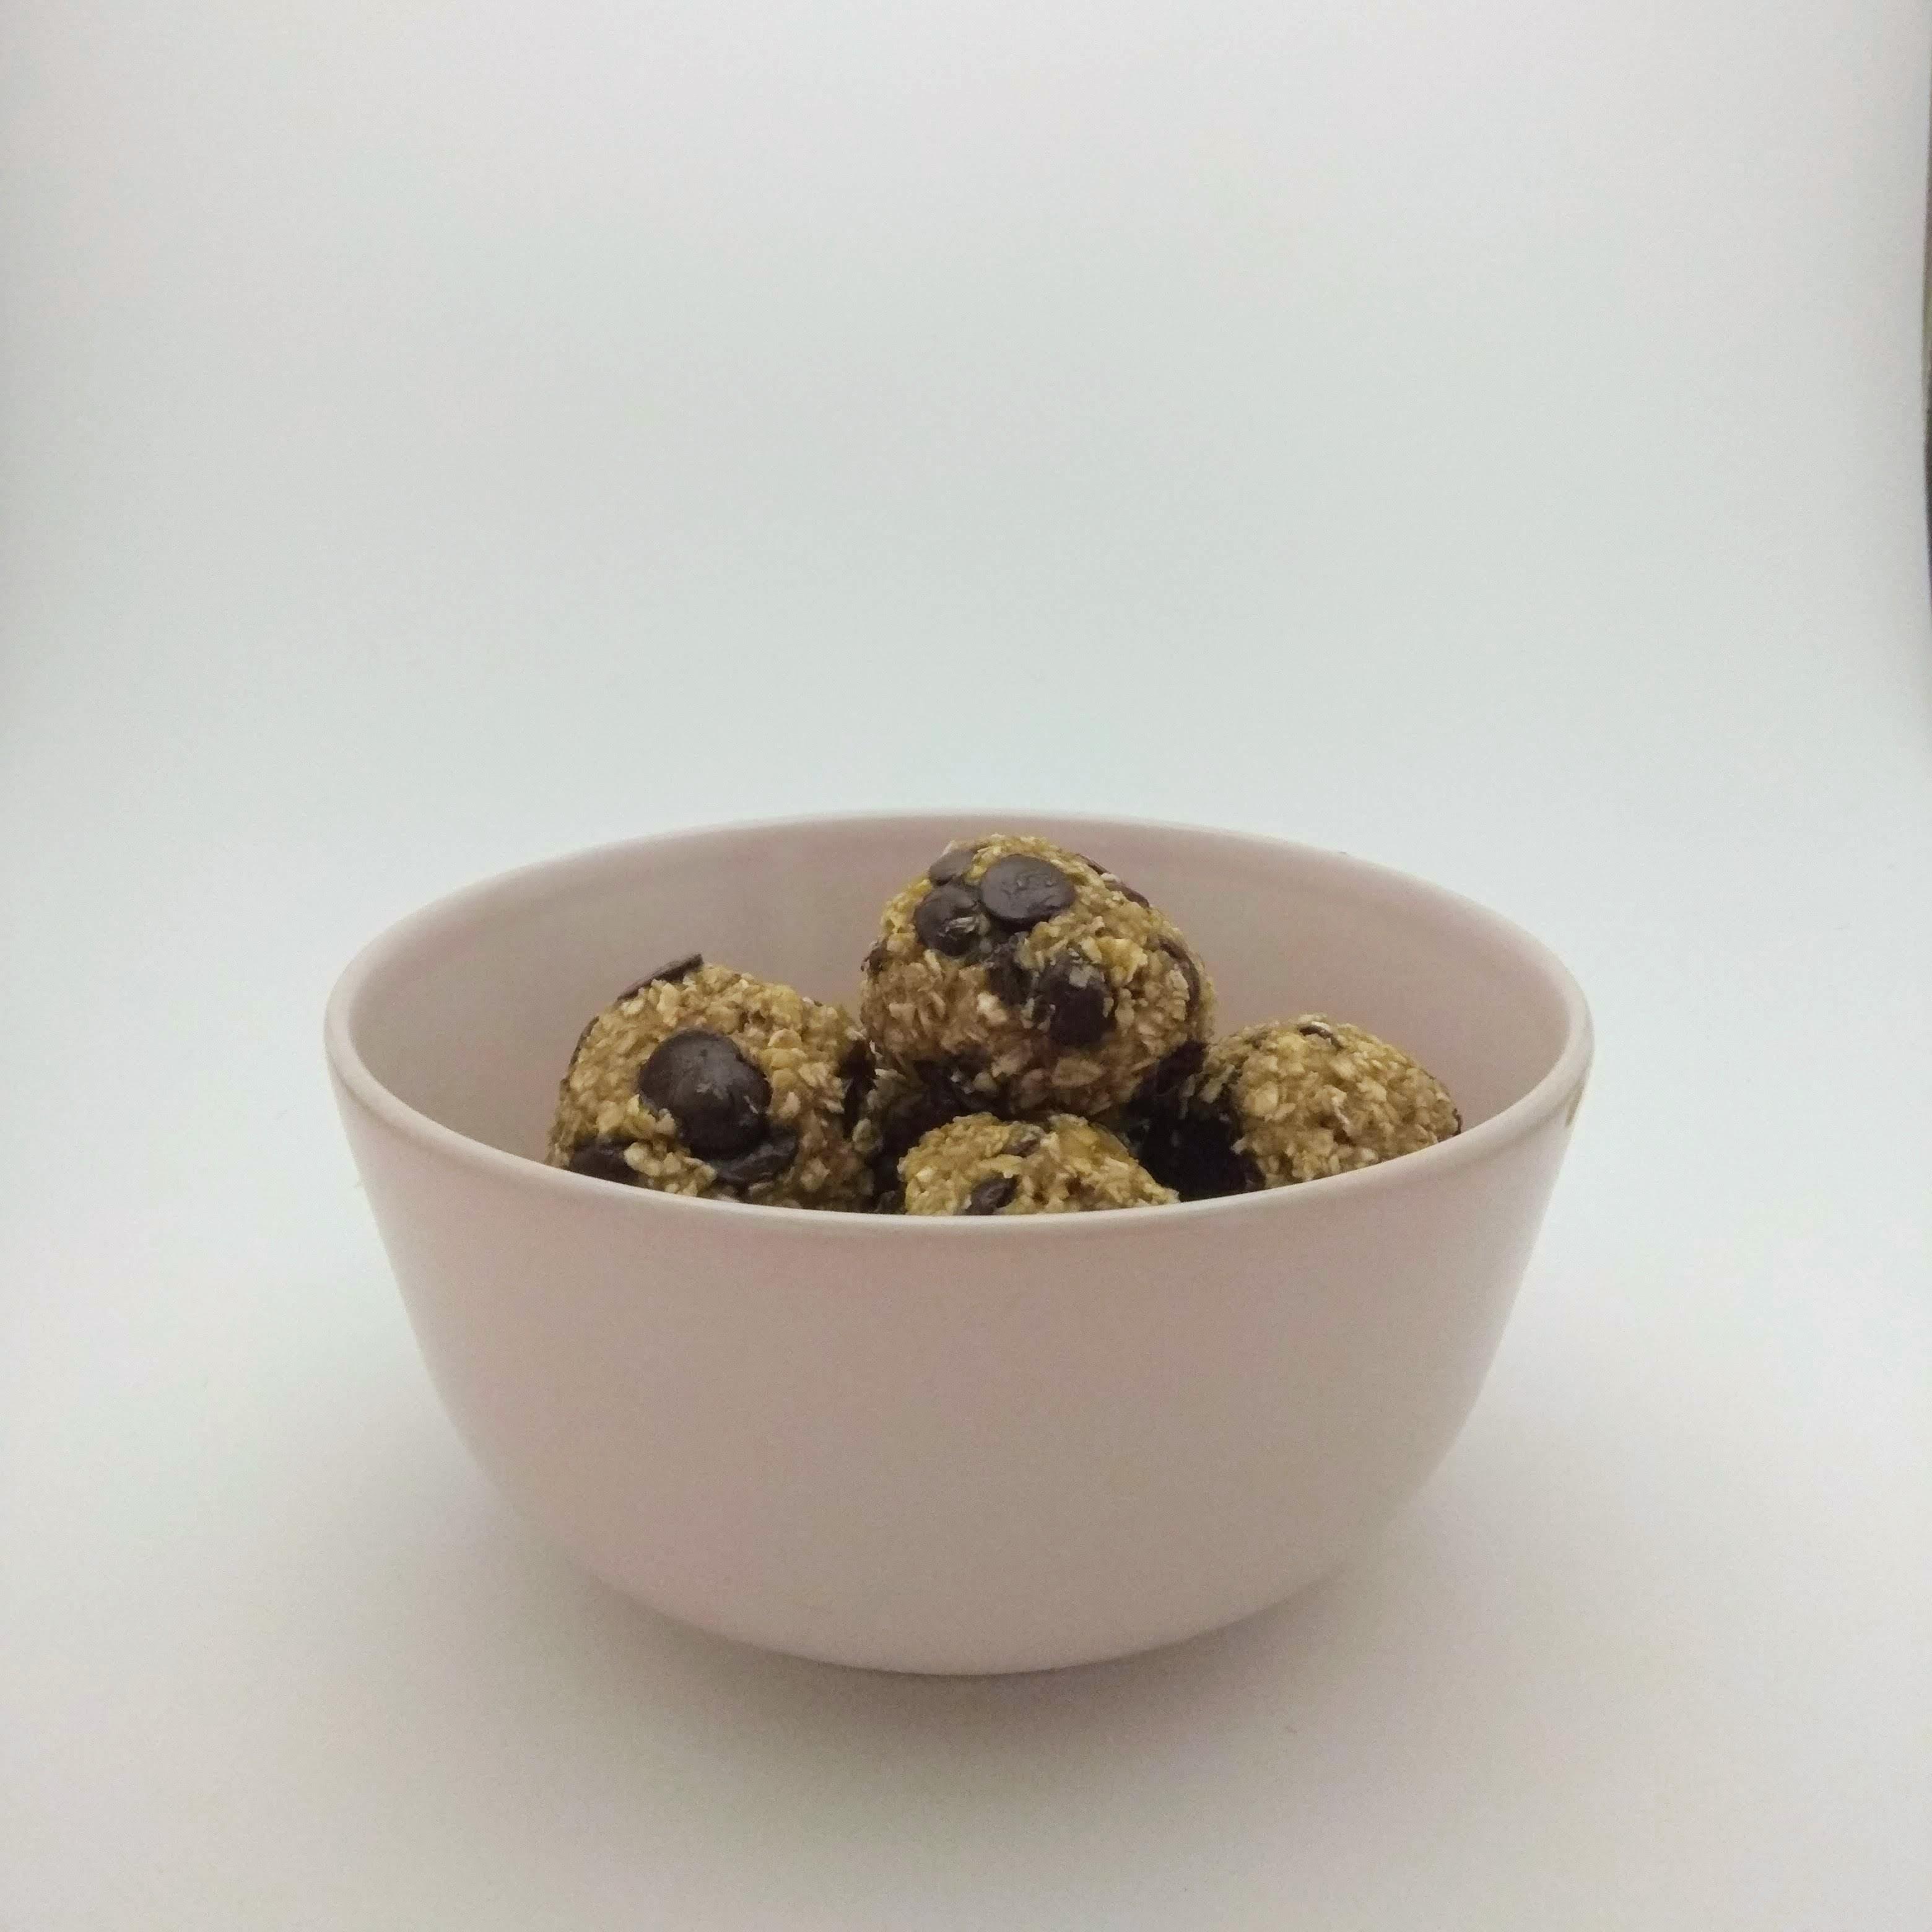 Receta de snacks saludables de avena. Descúbrela en: www.cocinandoconlola.com y chocolate